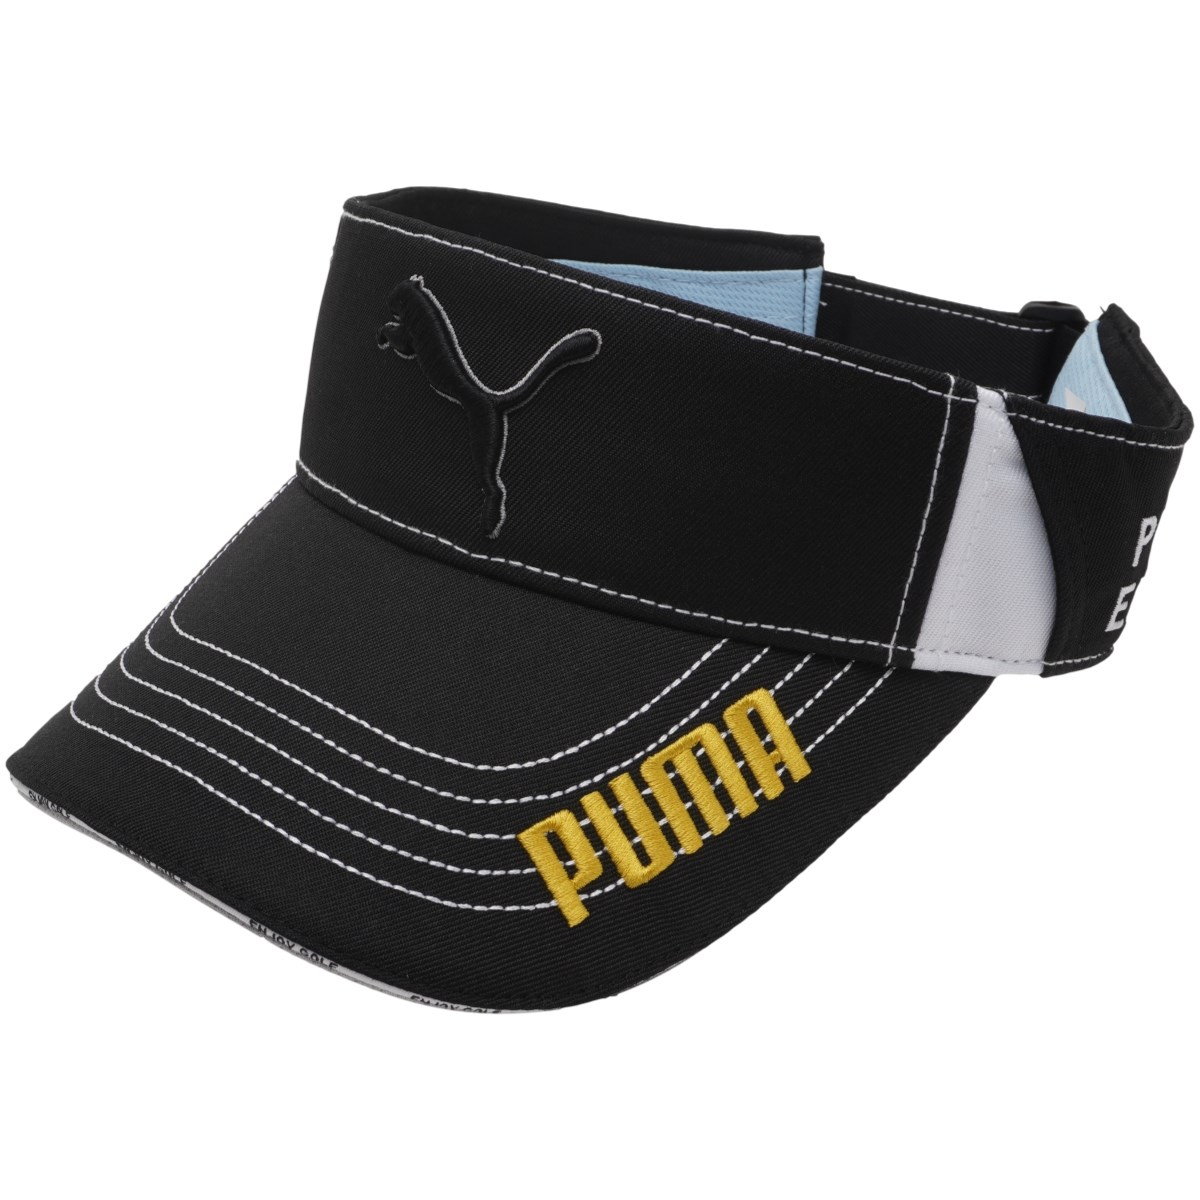 プーマ PUMA W ツアーラウンドサンバイザー フリー プーマ ブラック 01 レディス